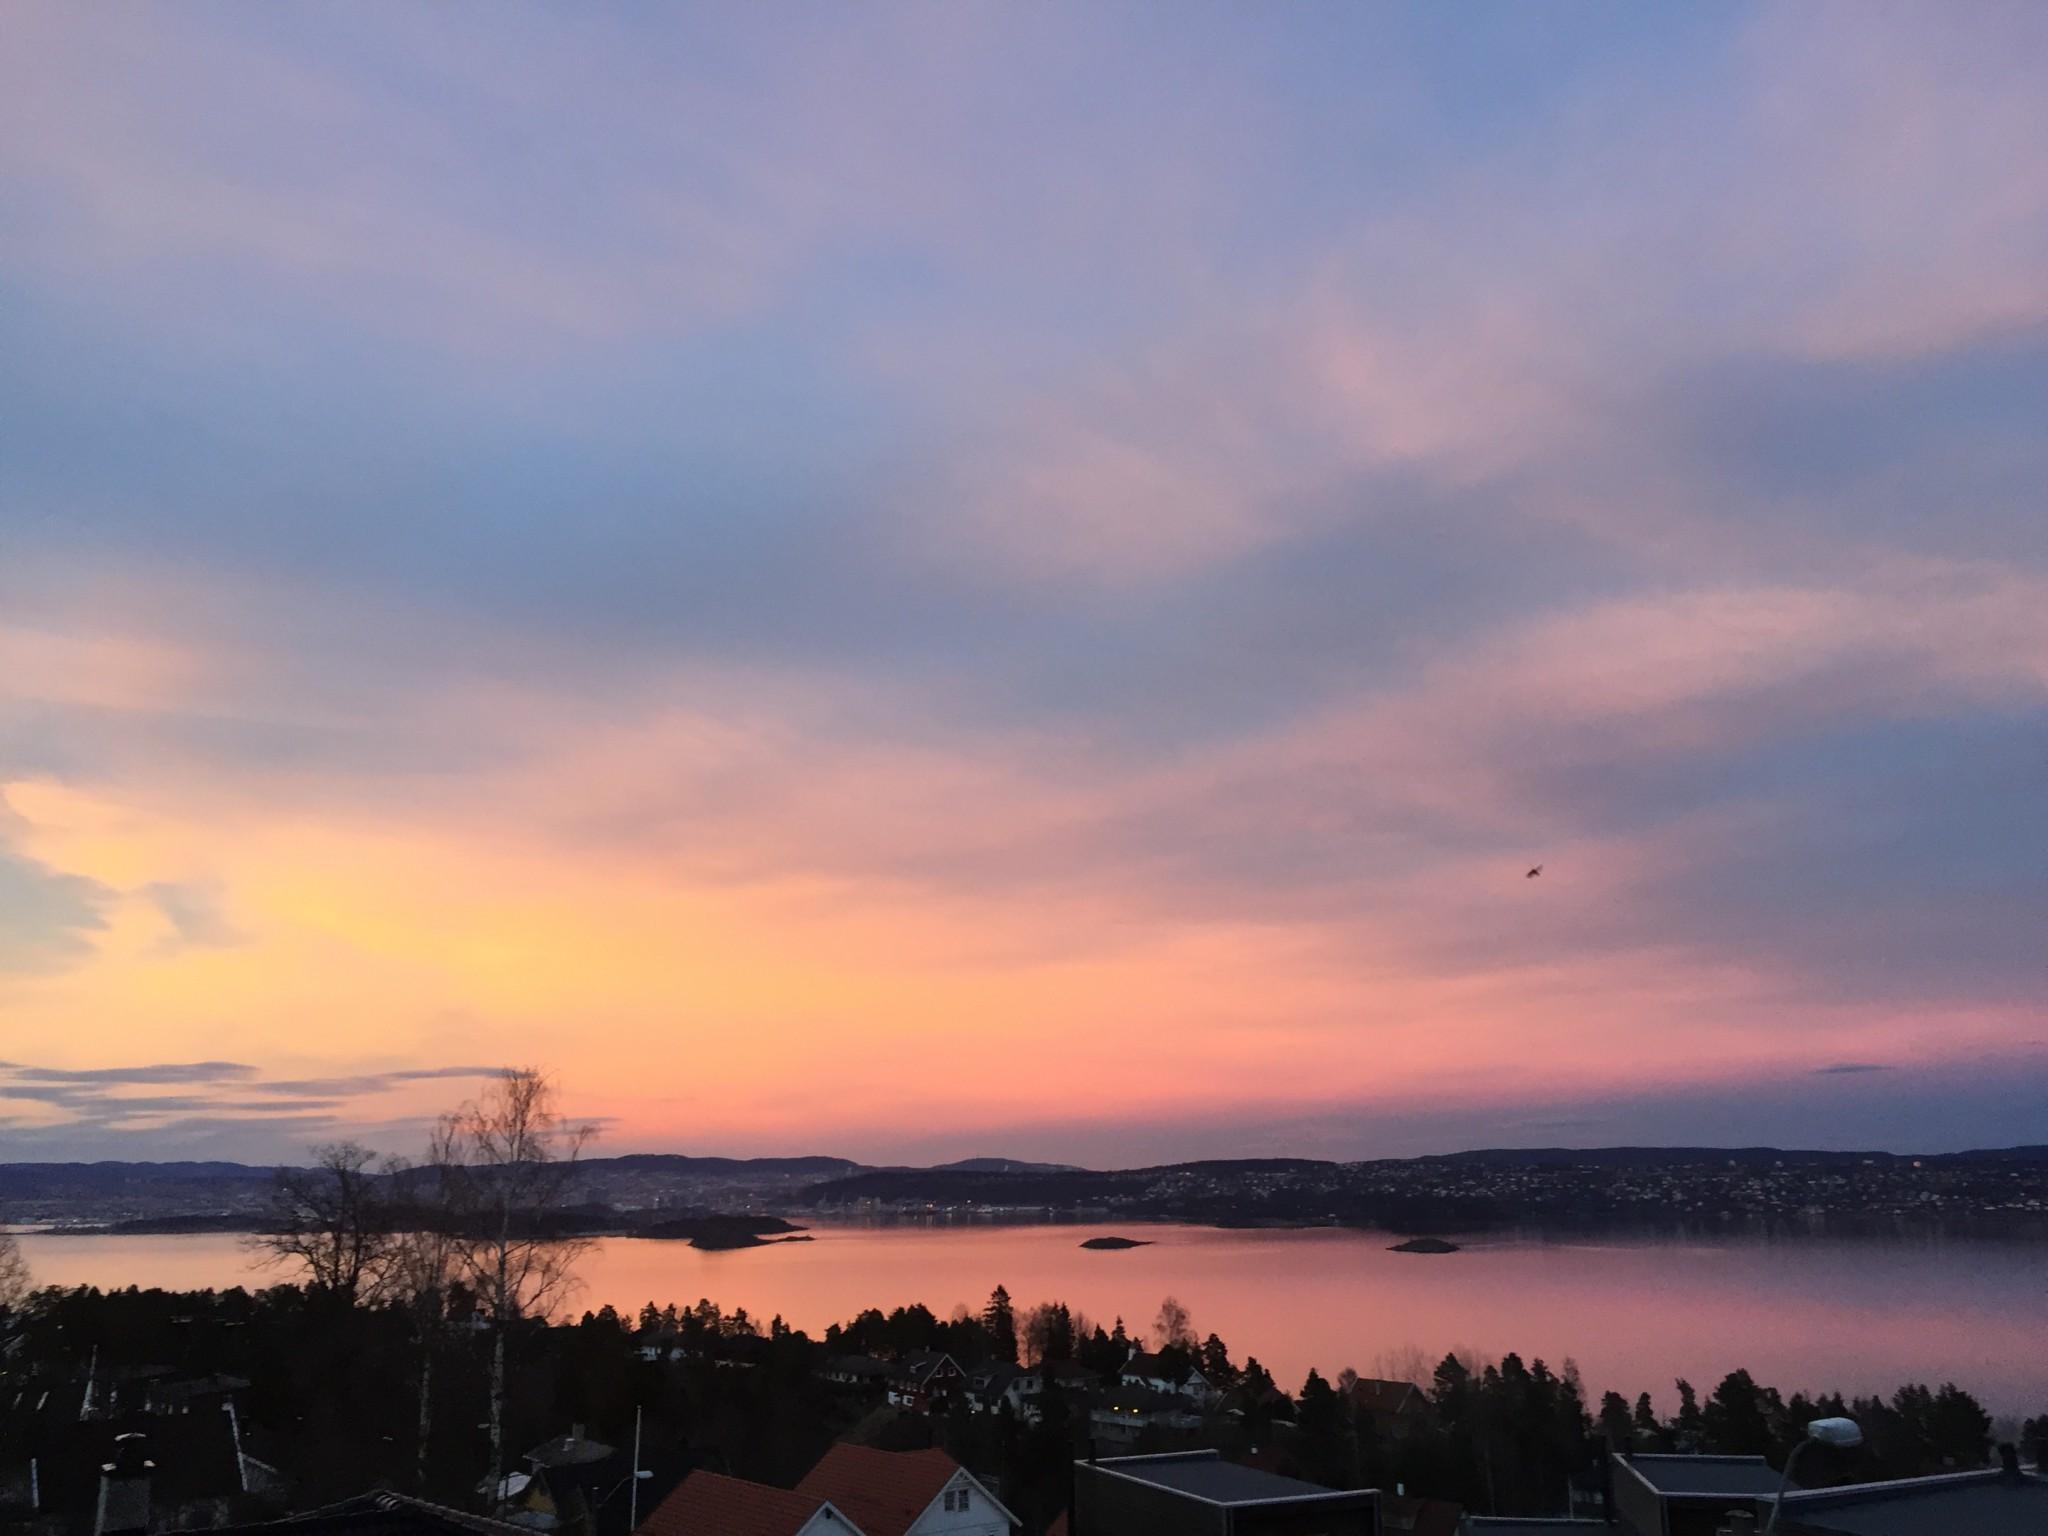 sunset-nesodden-oslo-solnedgang-mars